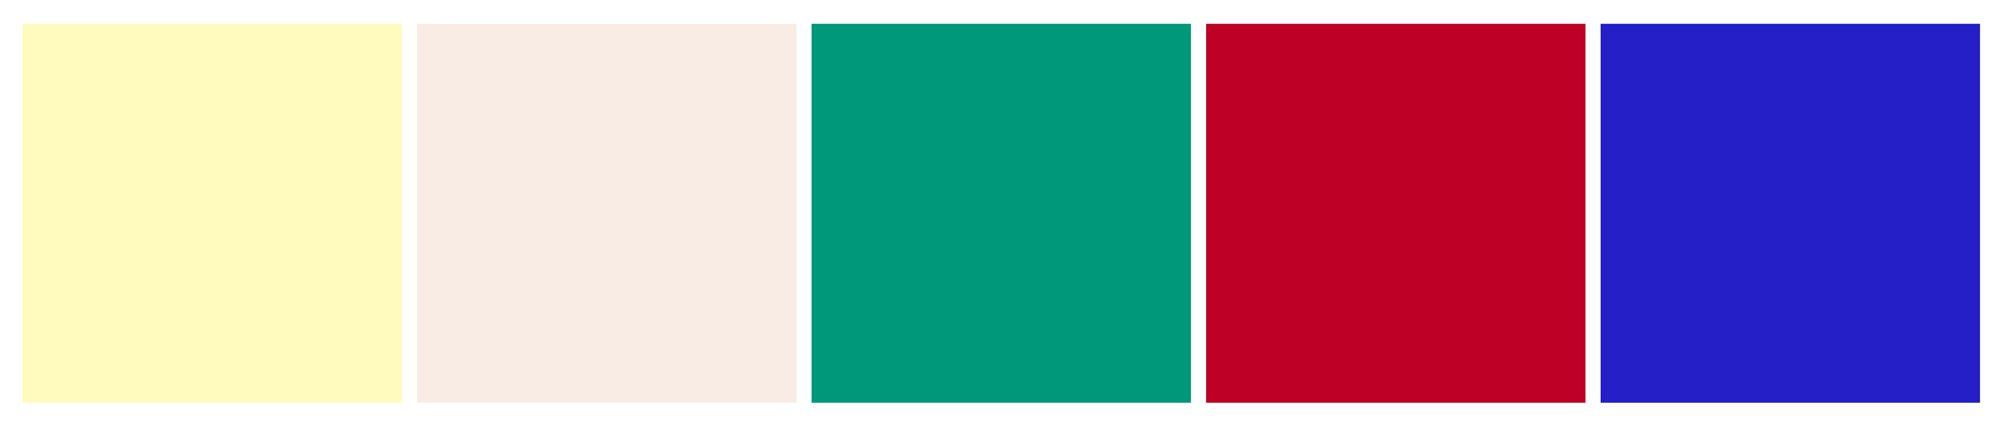 Le studio graphique IchetKar recommande une palette de couleurs pour l'identité visuelle de l'agence de conseil en stratégie Adam Bantoo